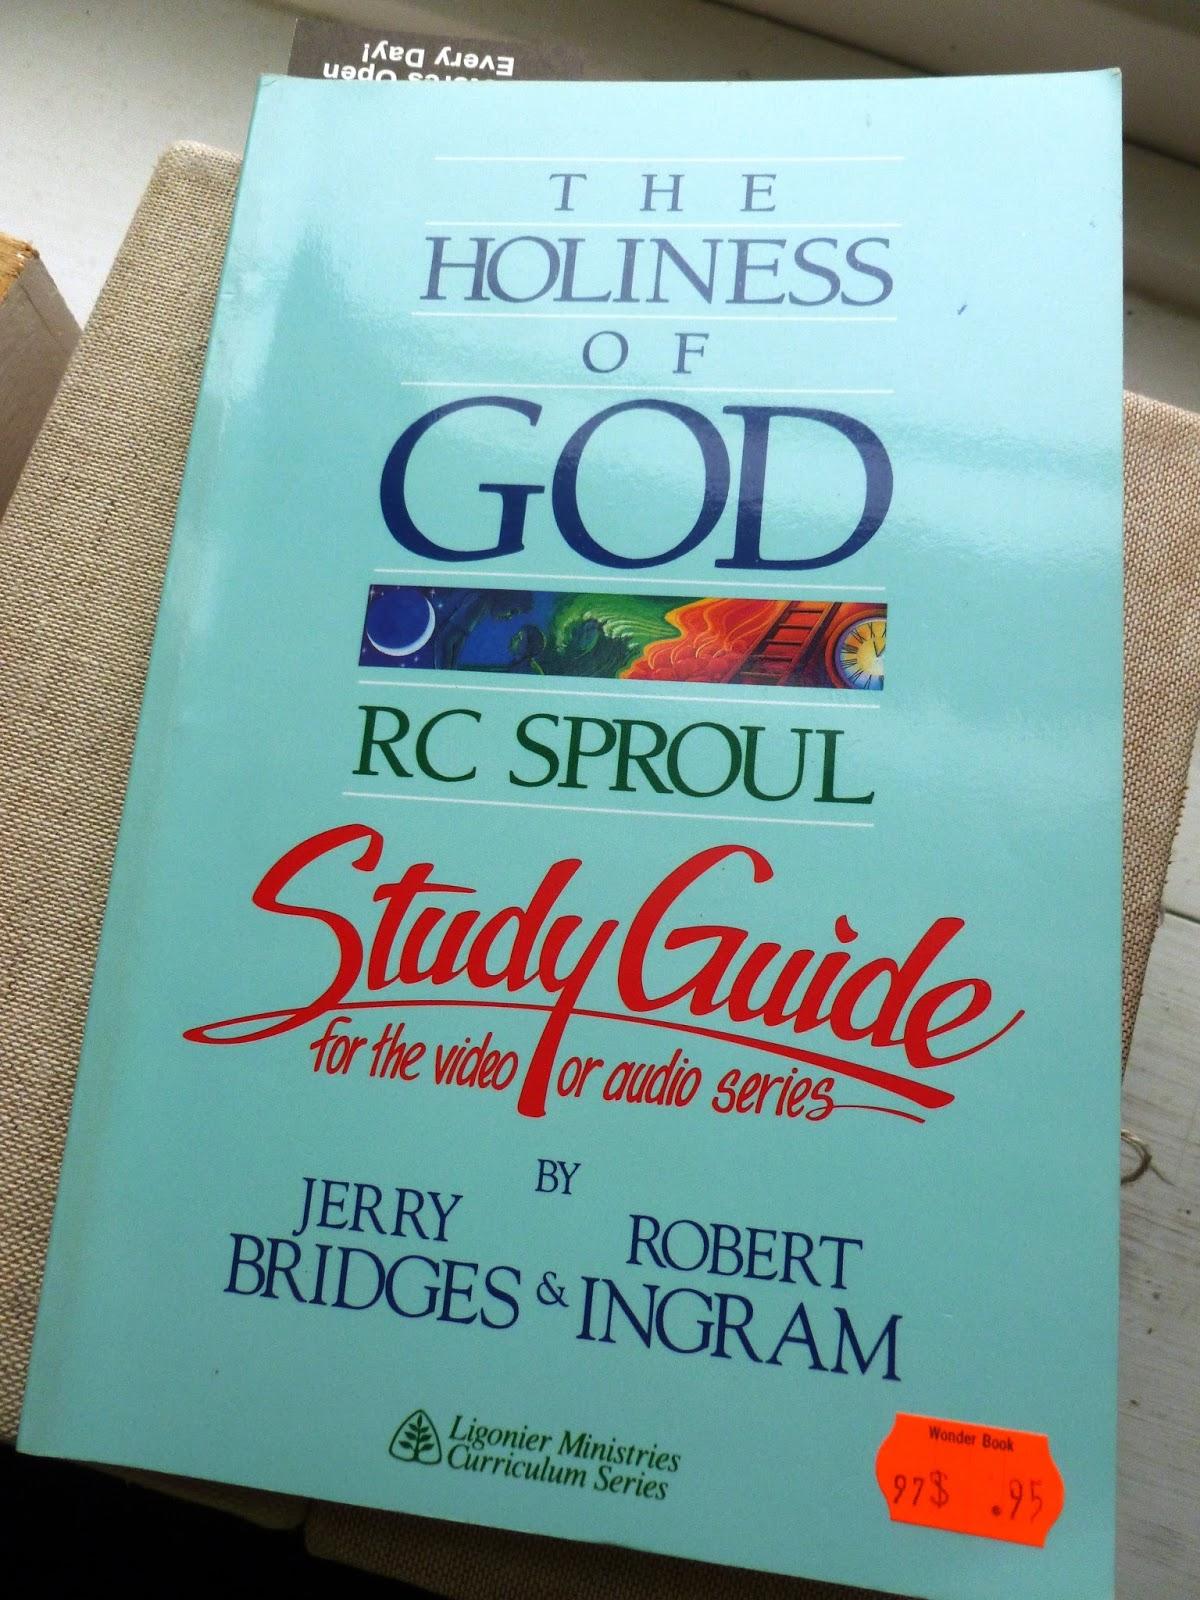 Heritage Book and Bible Repair: